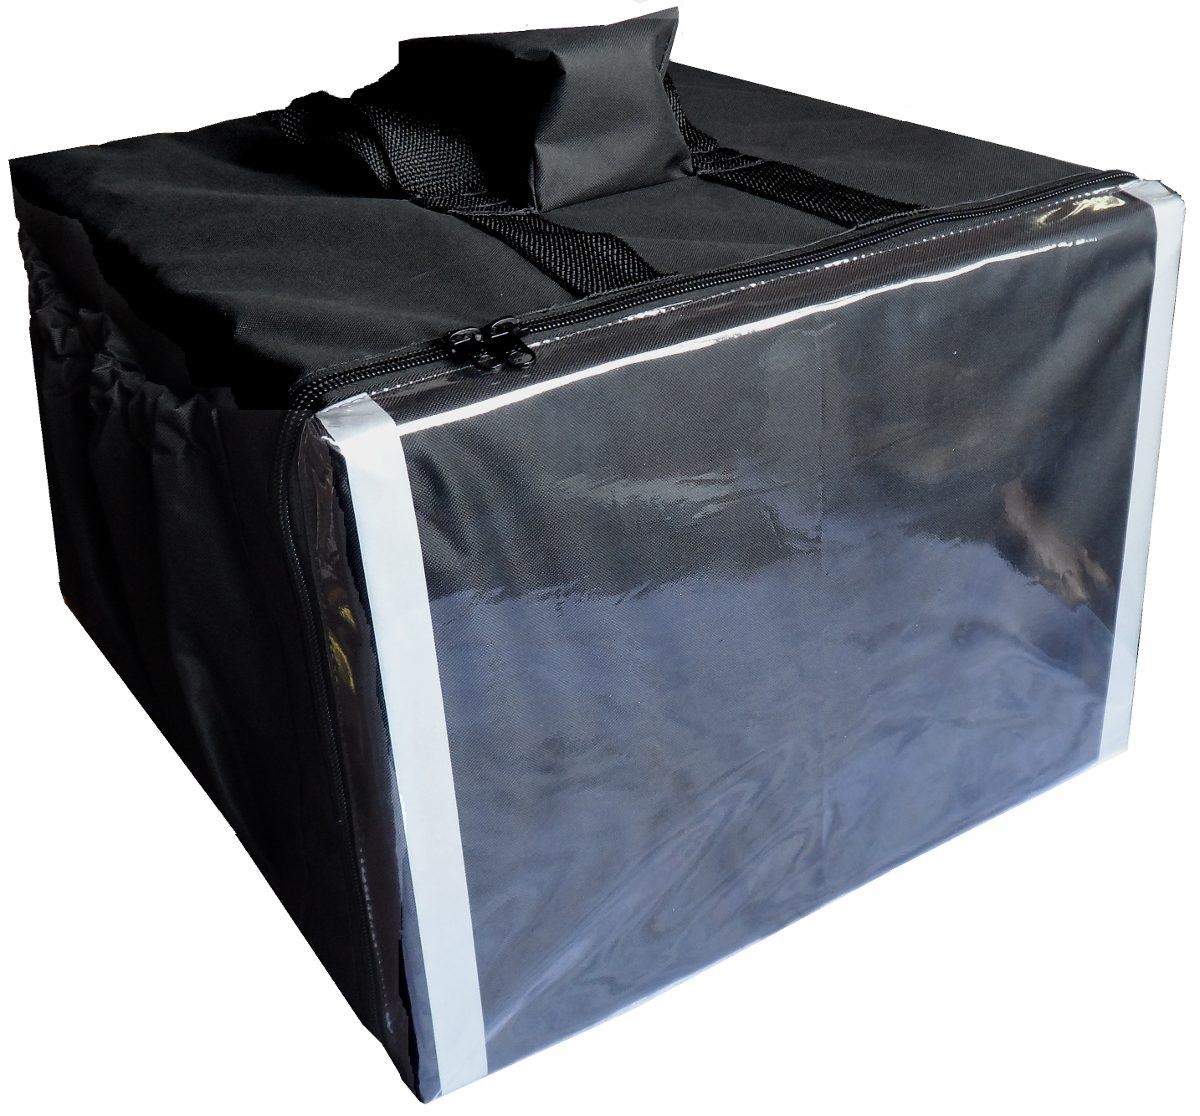 Bolsa Mochila T�rmica de Pizza Refrigerante Para Entrega Motoboy Com ou Sem Caixa T�rmica 35cm 40cm 44cm 50cm 53cm  - GuerreiroOnline